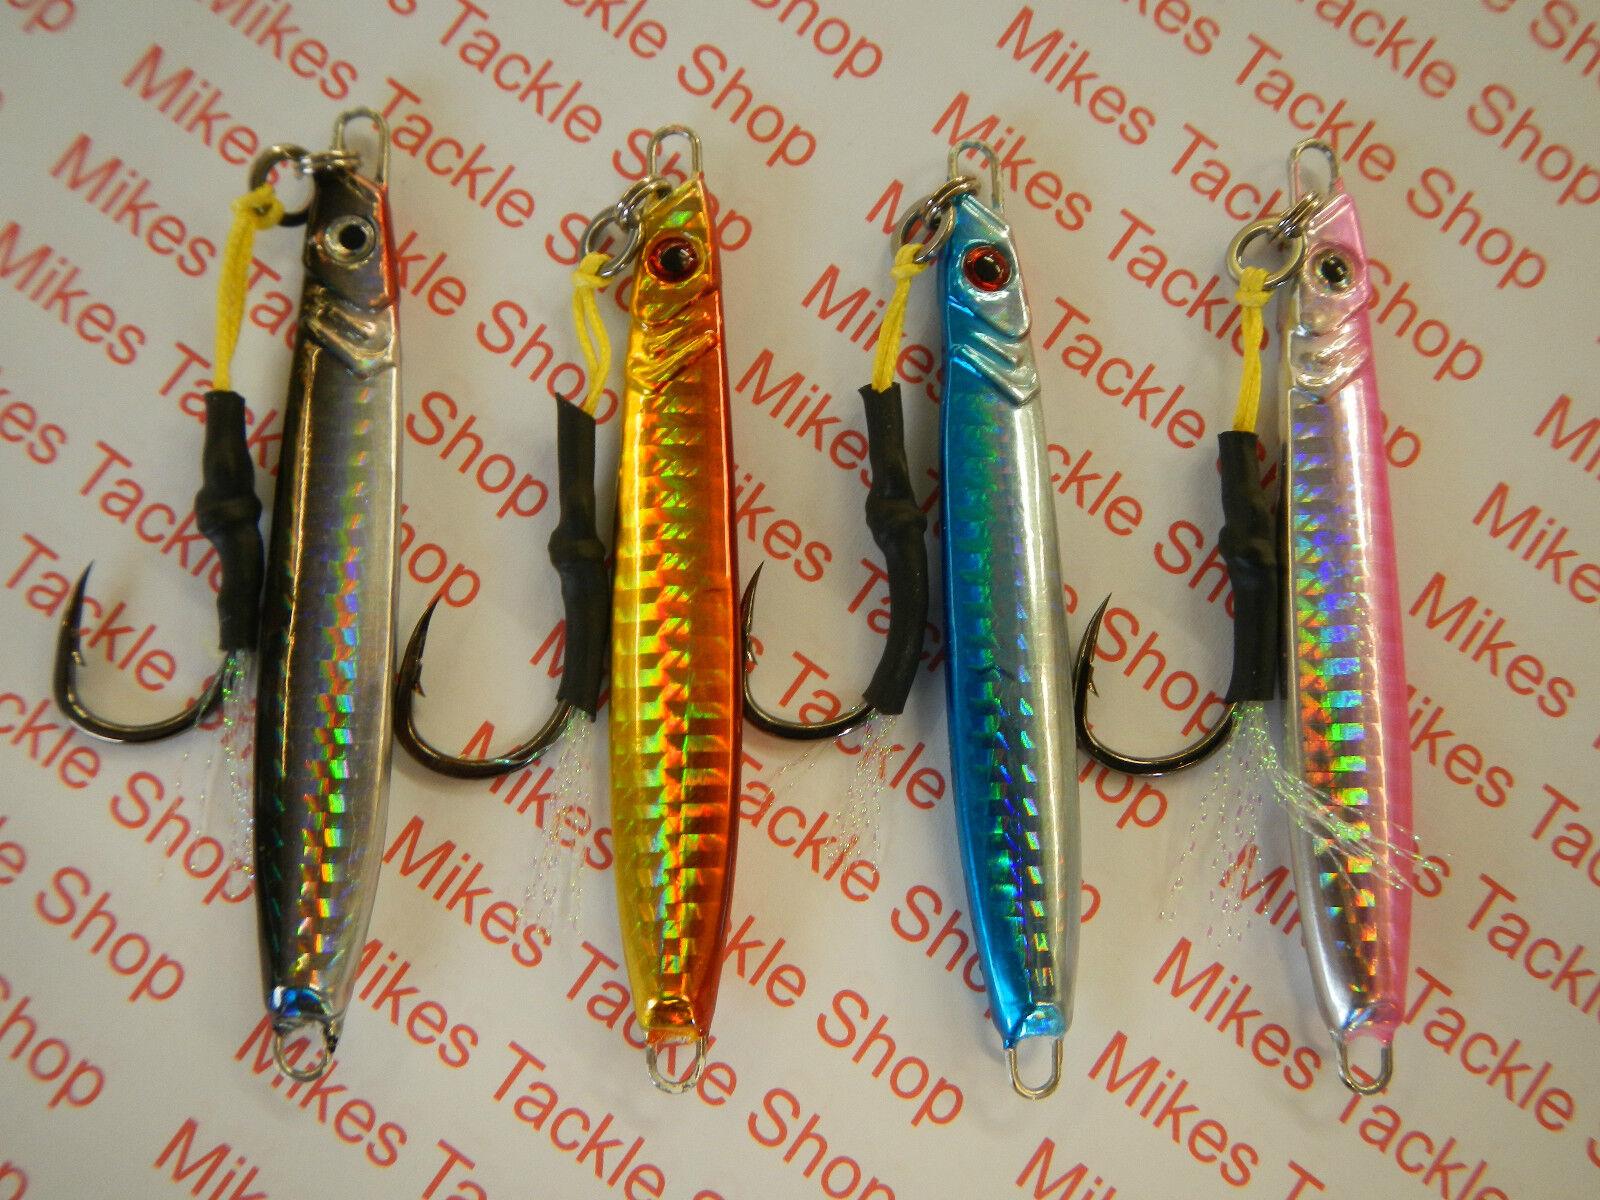 Tsunami Frenzy Jigs Spinners avec paquets Assist Hooks vendu en paquets avec de 2 8c628d